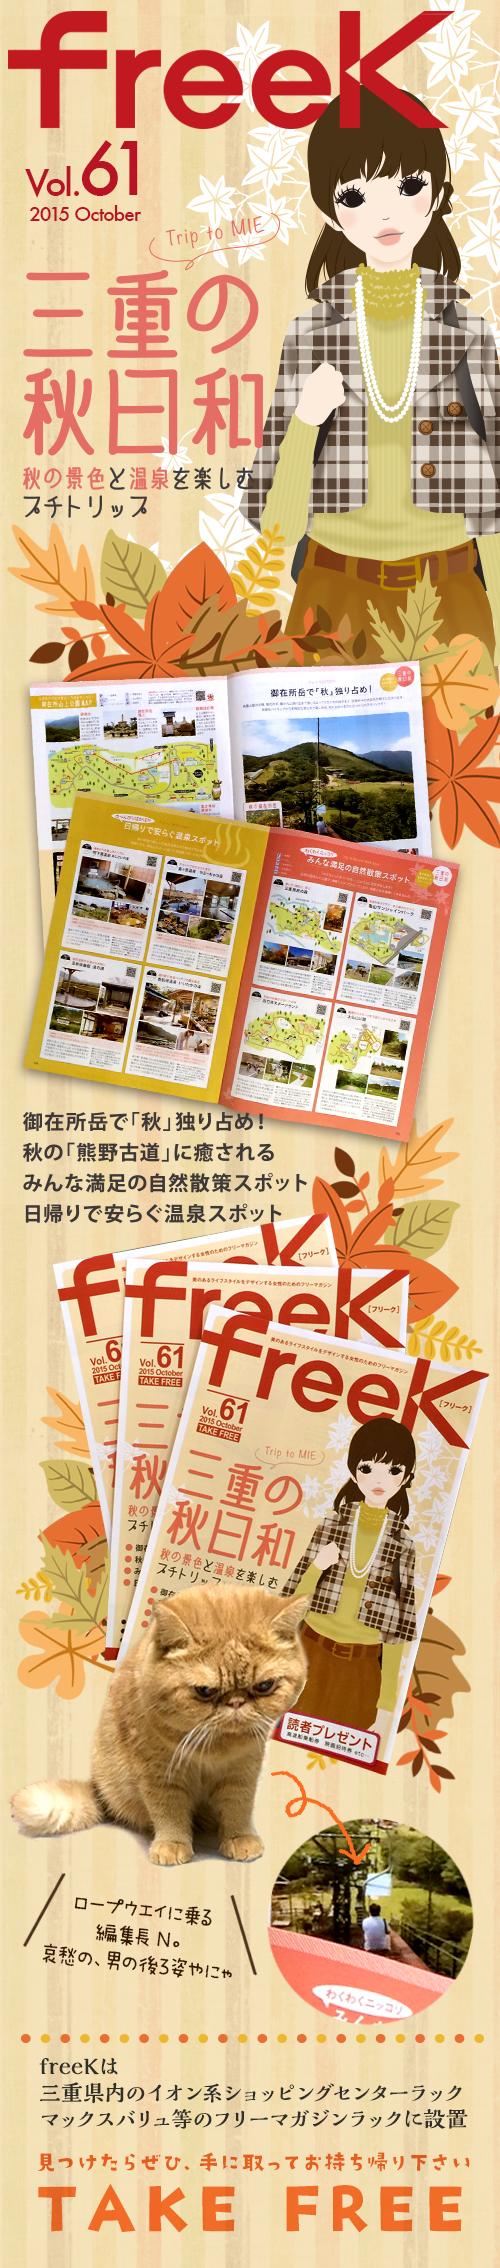 Freek_201510.jpg